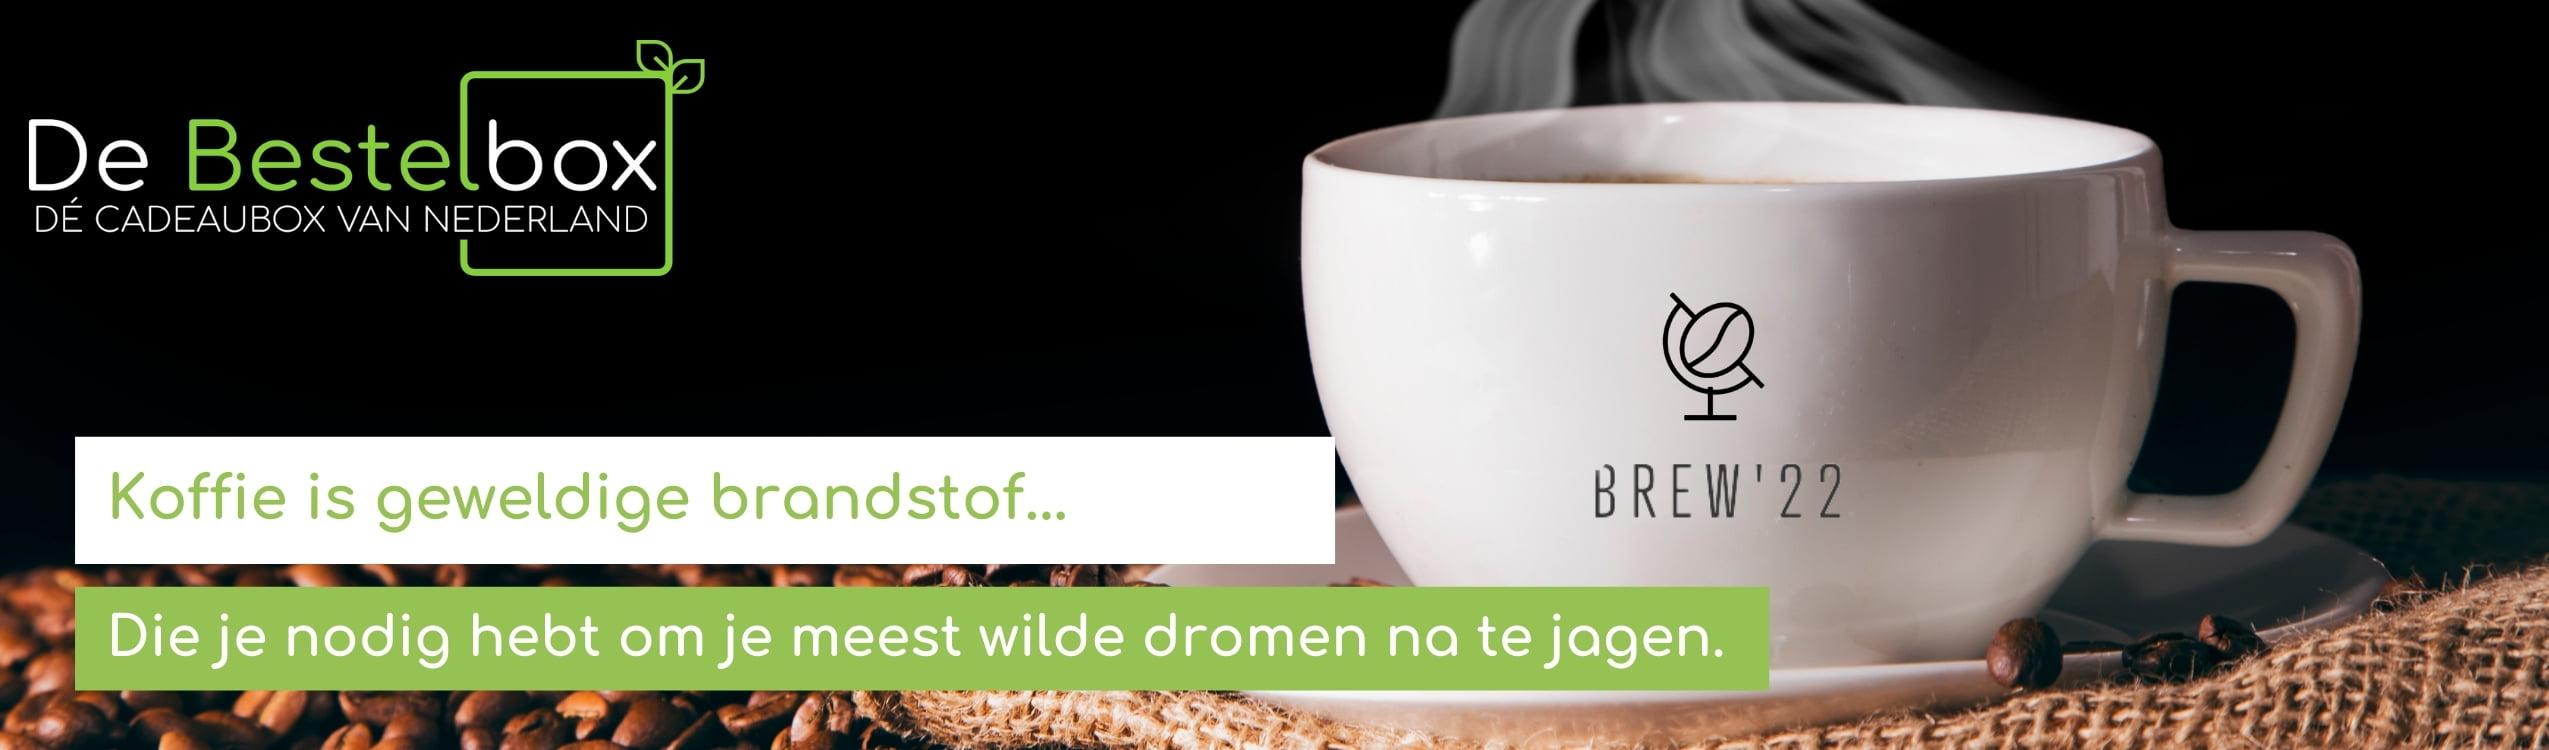 Brew ´22 Koffie van De Bestelbox